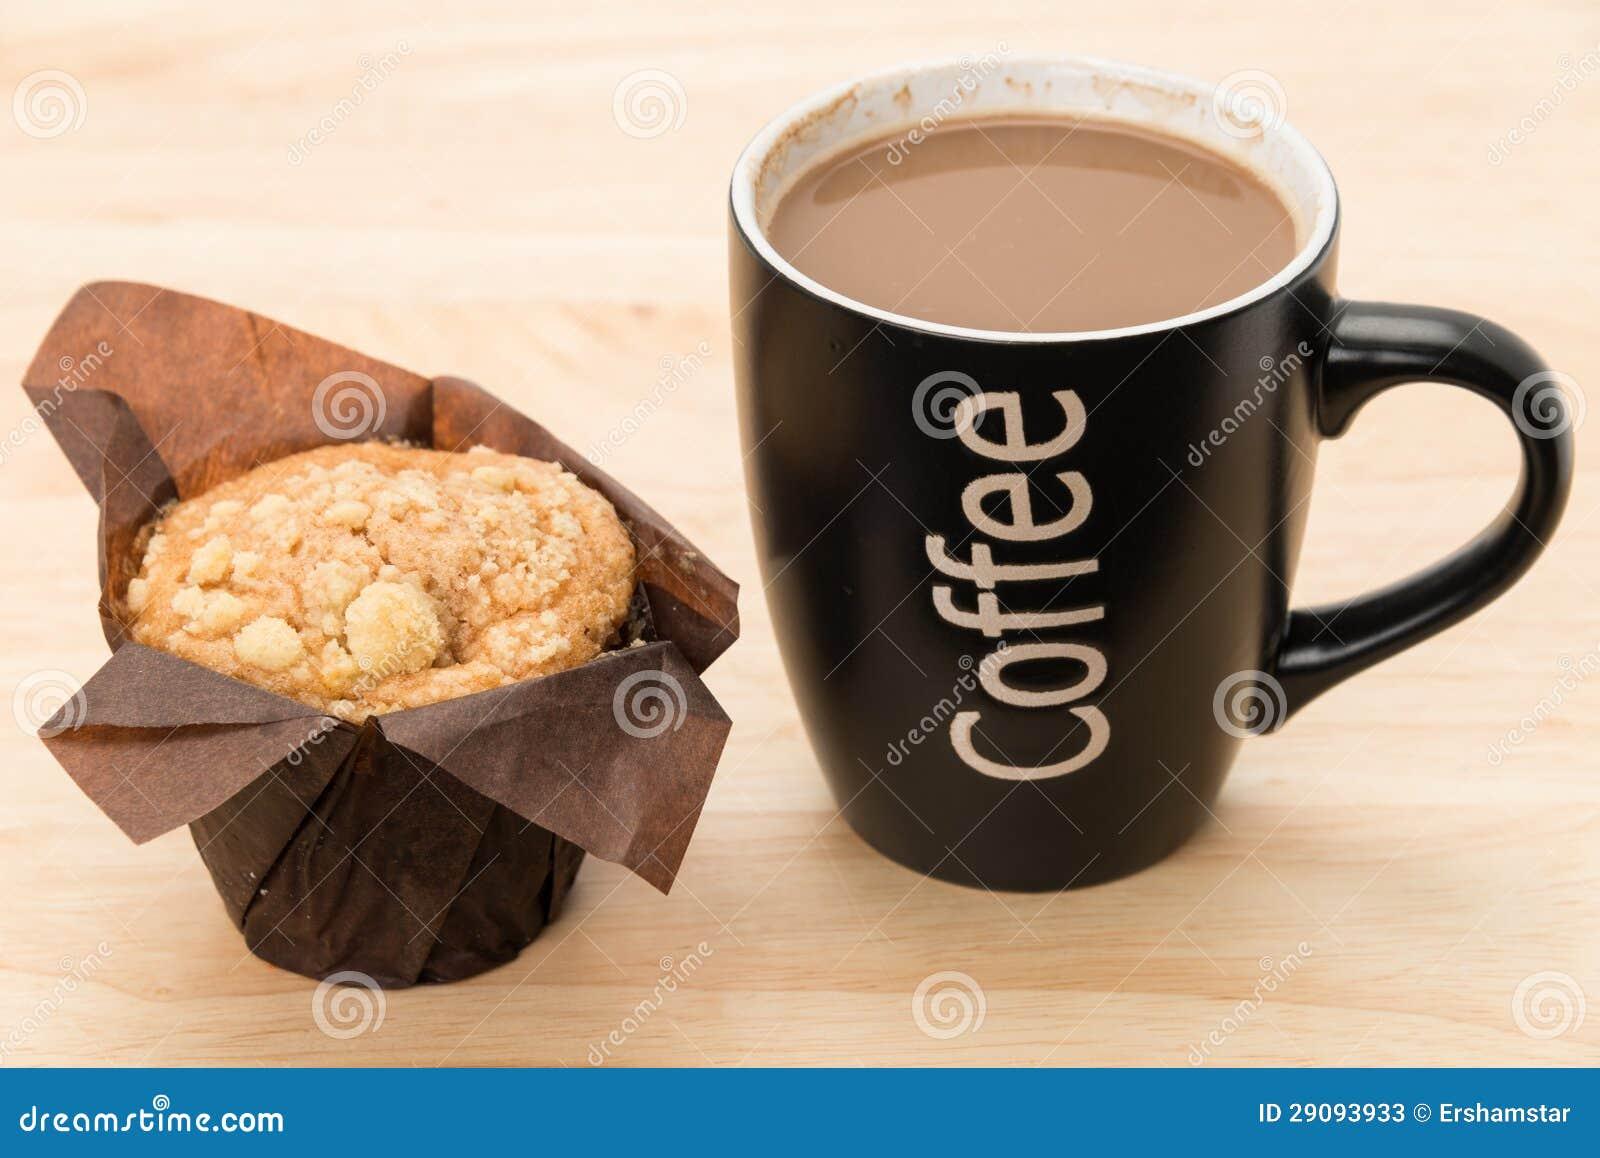 кофе и булочка фото